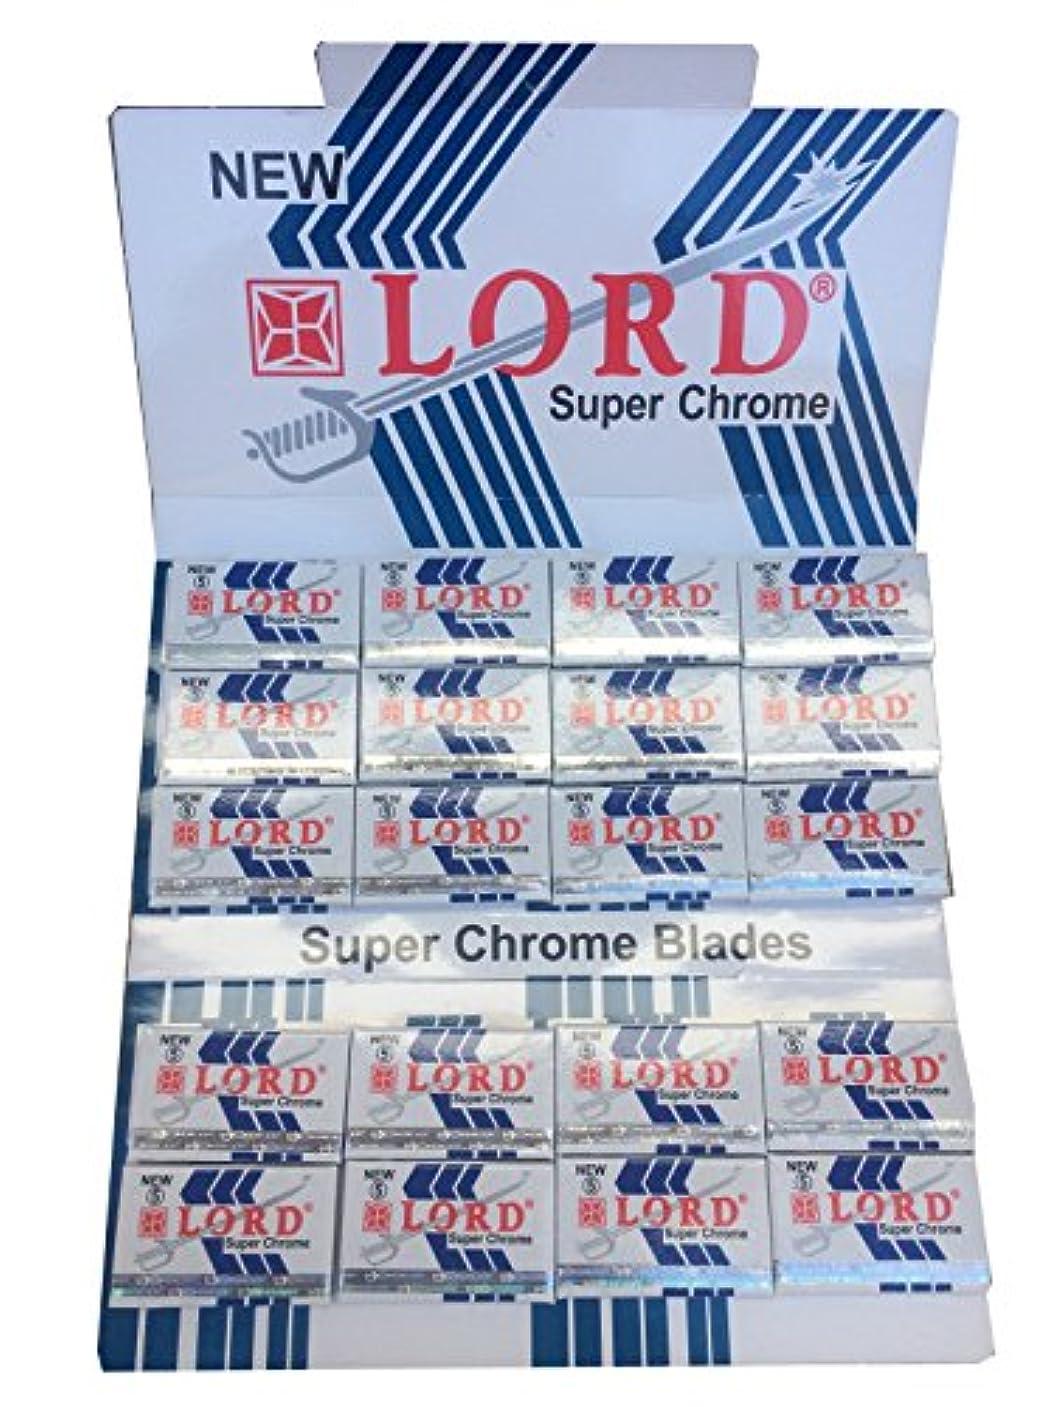 のど造船絶縁するLord Super Chrome 両刃替刃 100枚入り(5枚入り20 個セット)【並行輸入品】